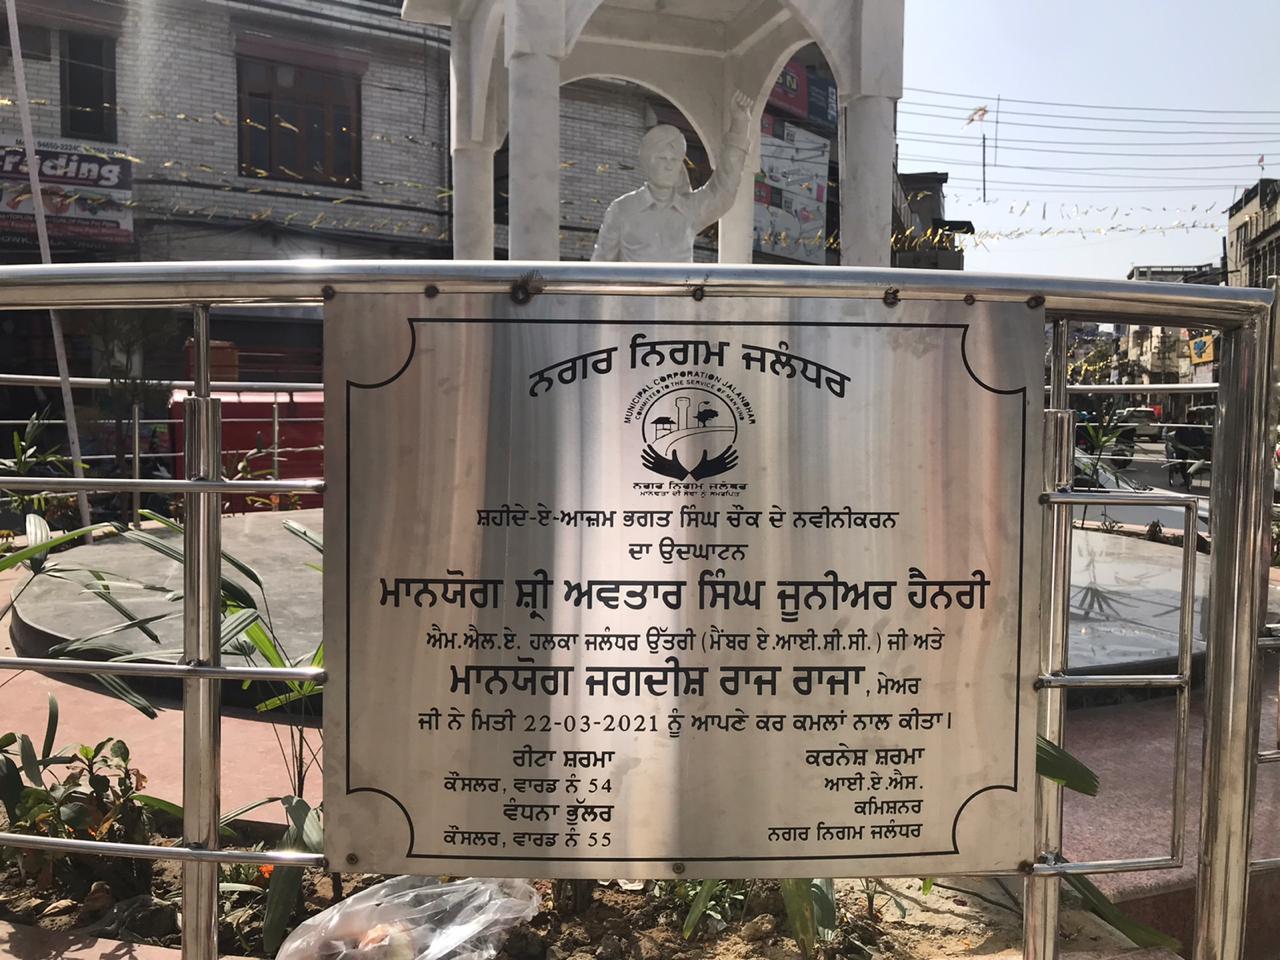 शहीद भगत सिंह चौक की बाउंड्री पर लगाया दूसरा उद्घाटन पत्थर